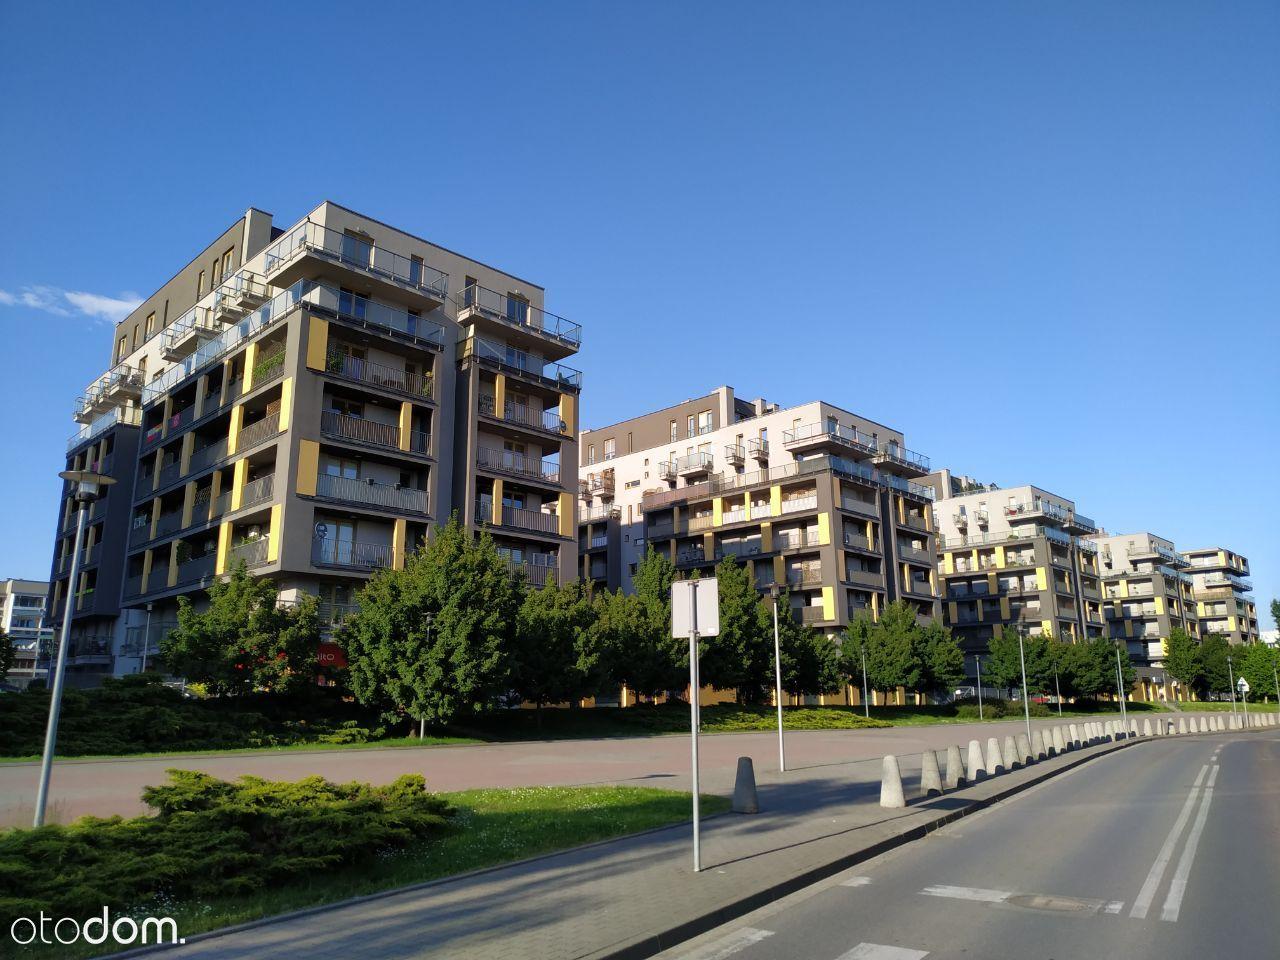 Kawalerka, Marii Dąbrowskiej, City Towers